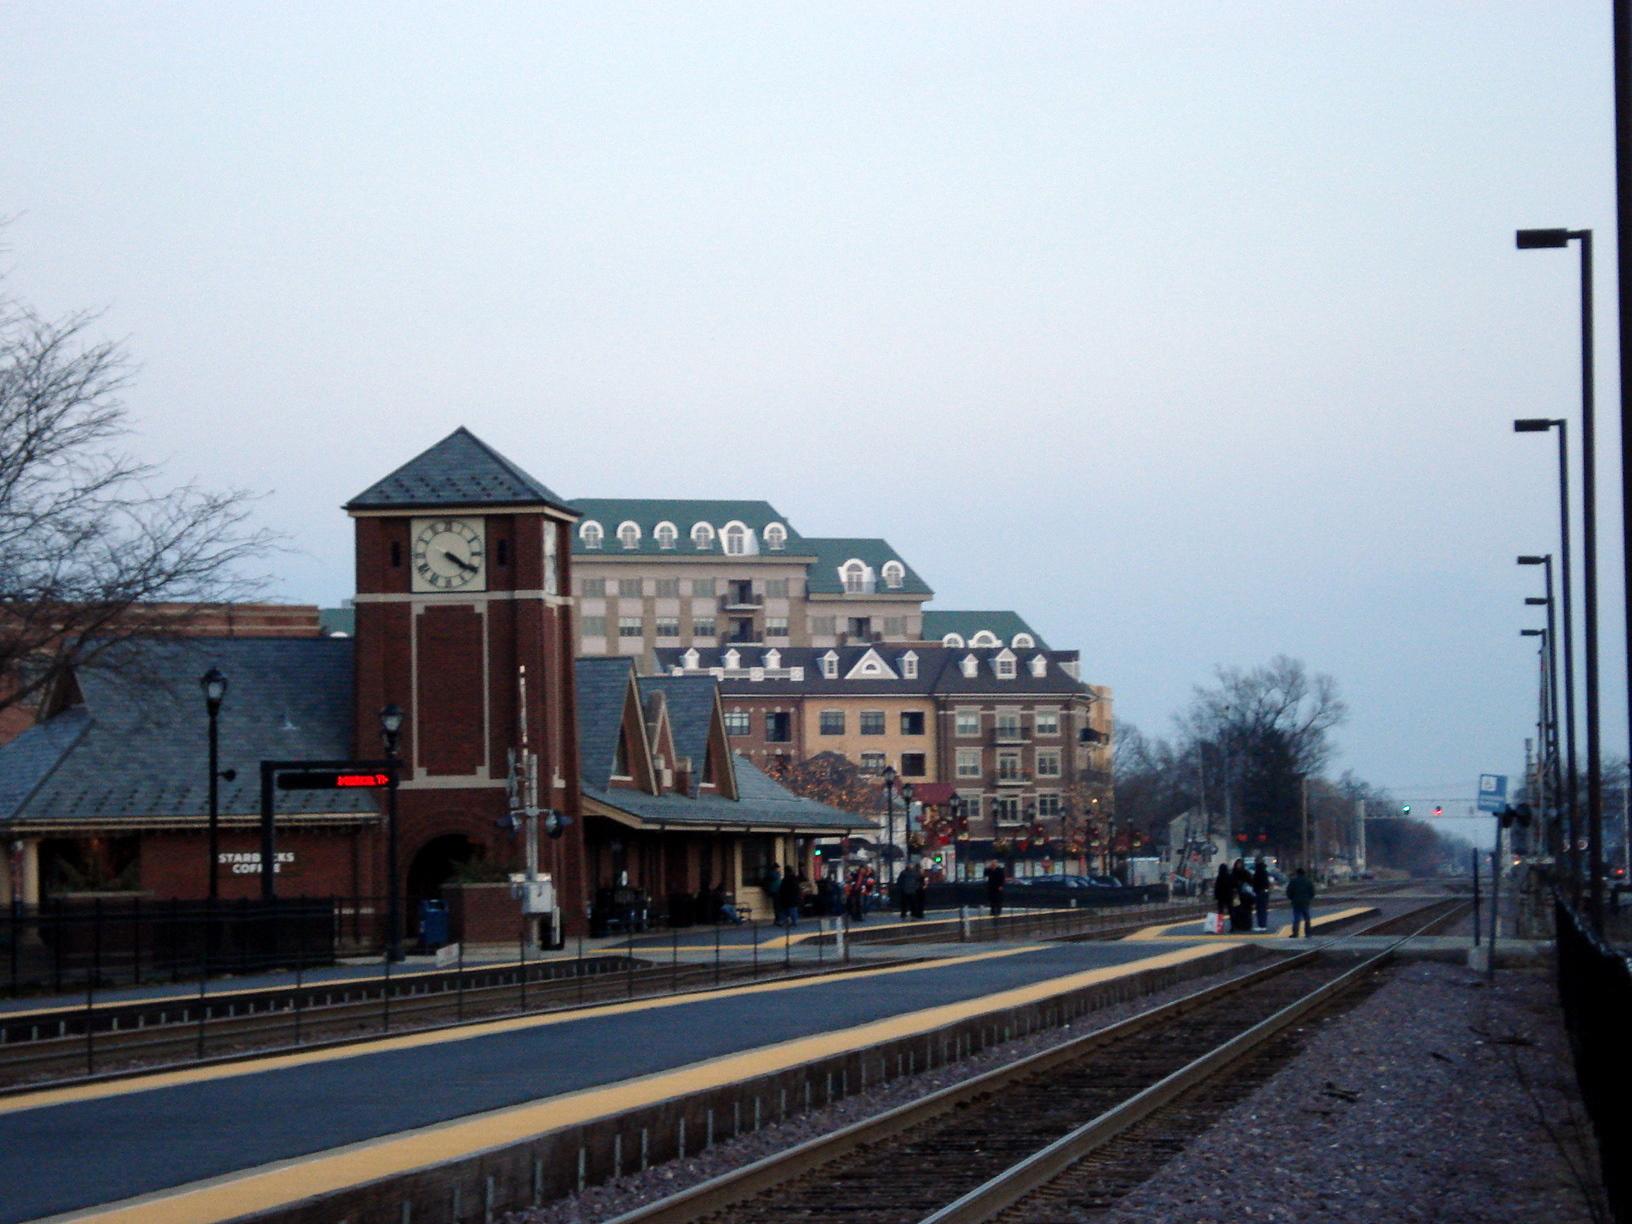 Palatine (IL) United States  City new picture : Palatine Metra Station Wikipedia, the free encyclopedia